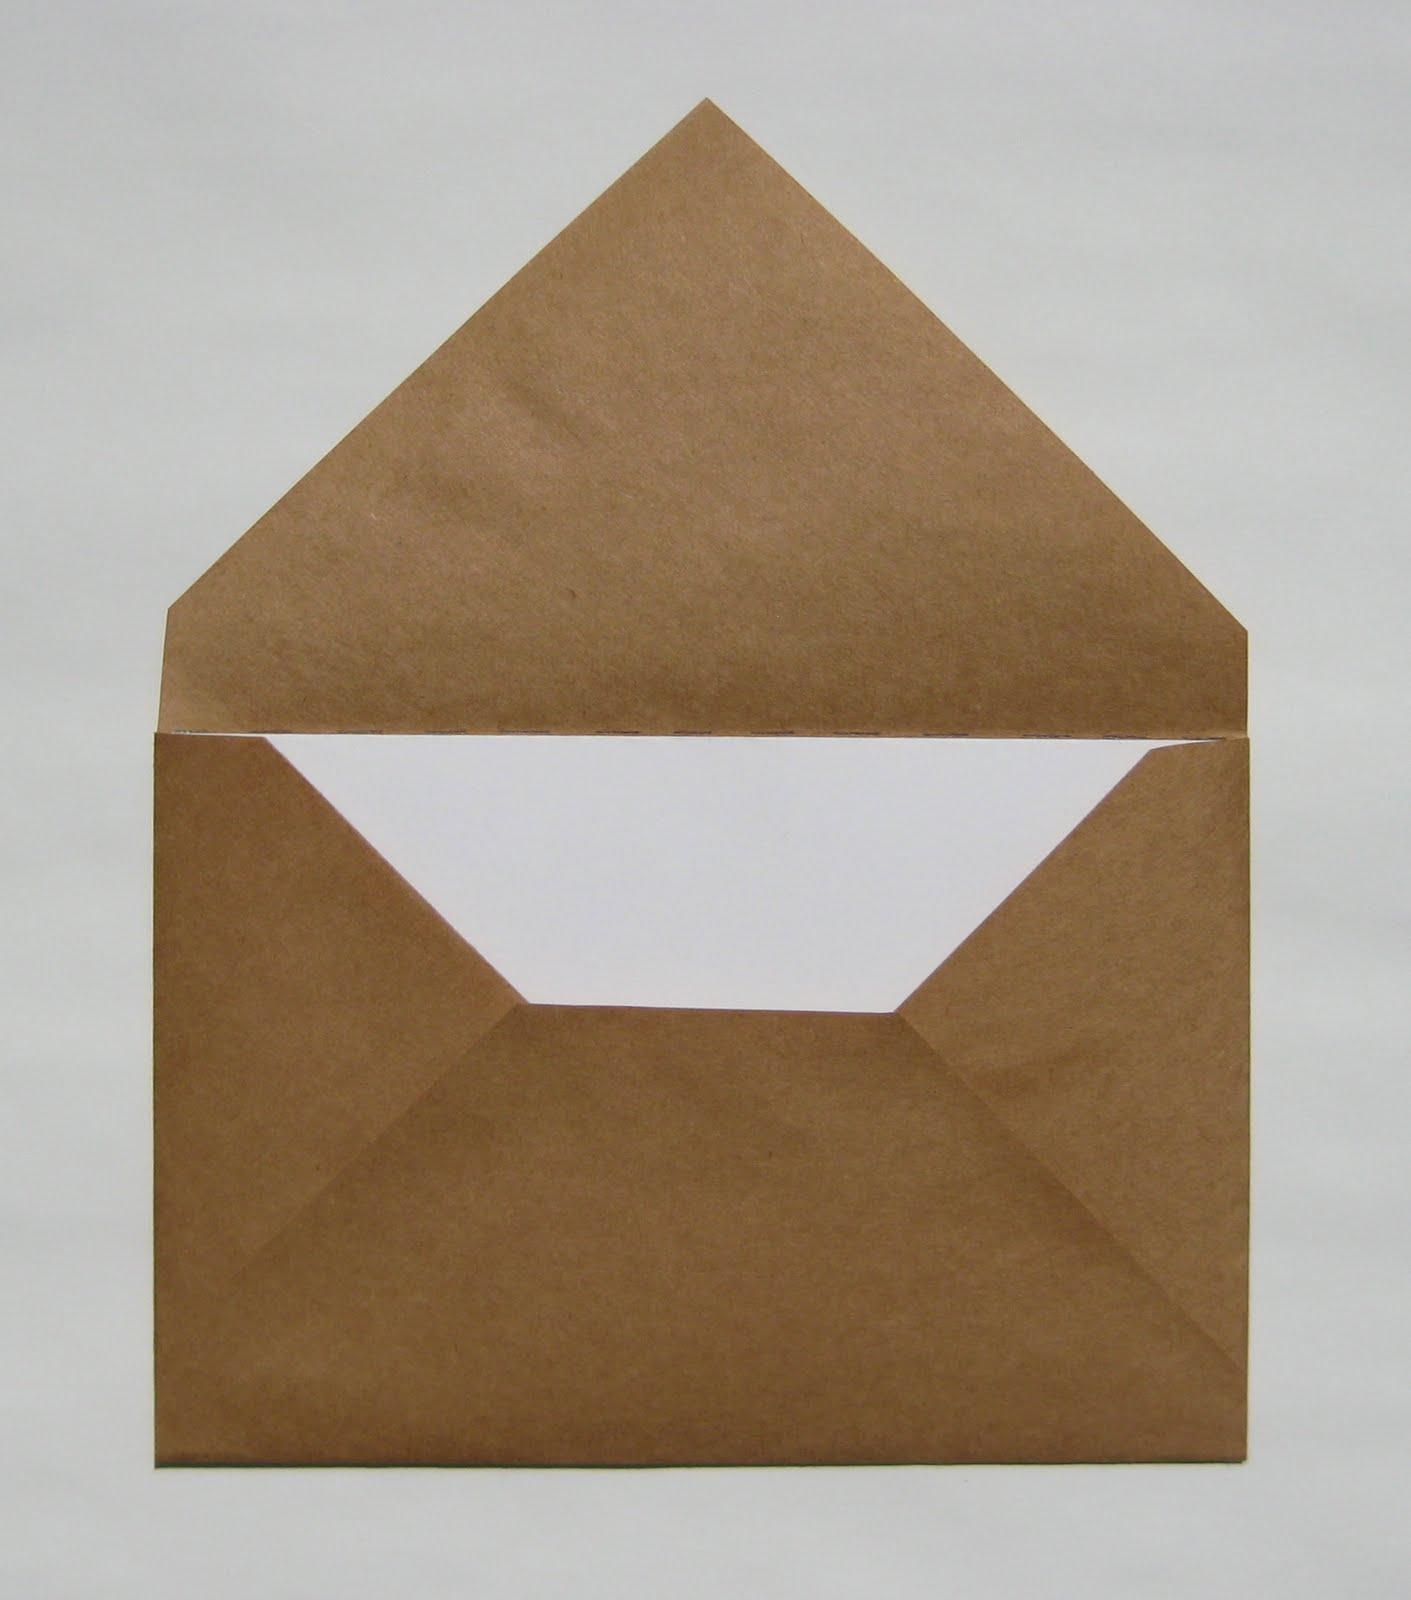 Envelope Origami Easy Easy Envelopes For Handmade Cards Teachkidsart